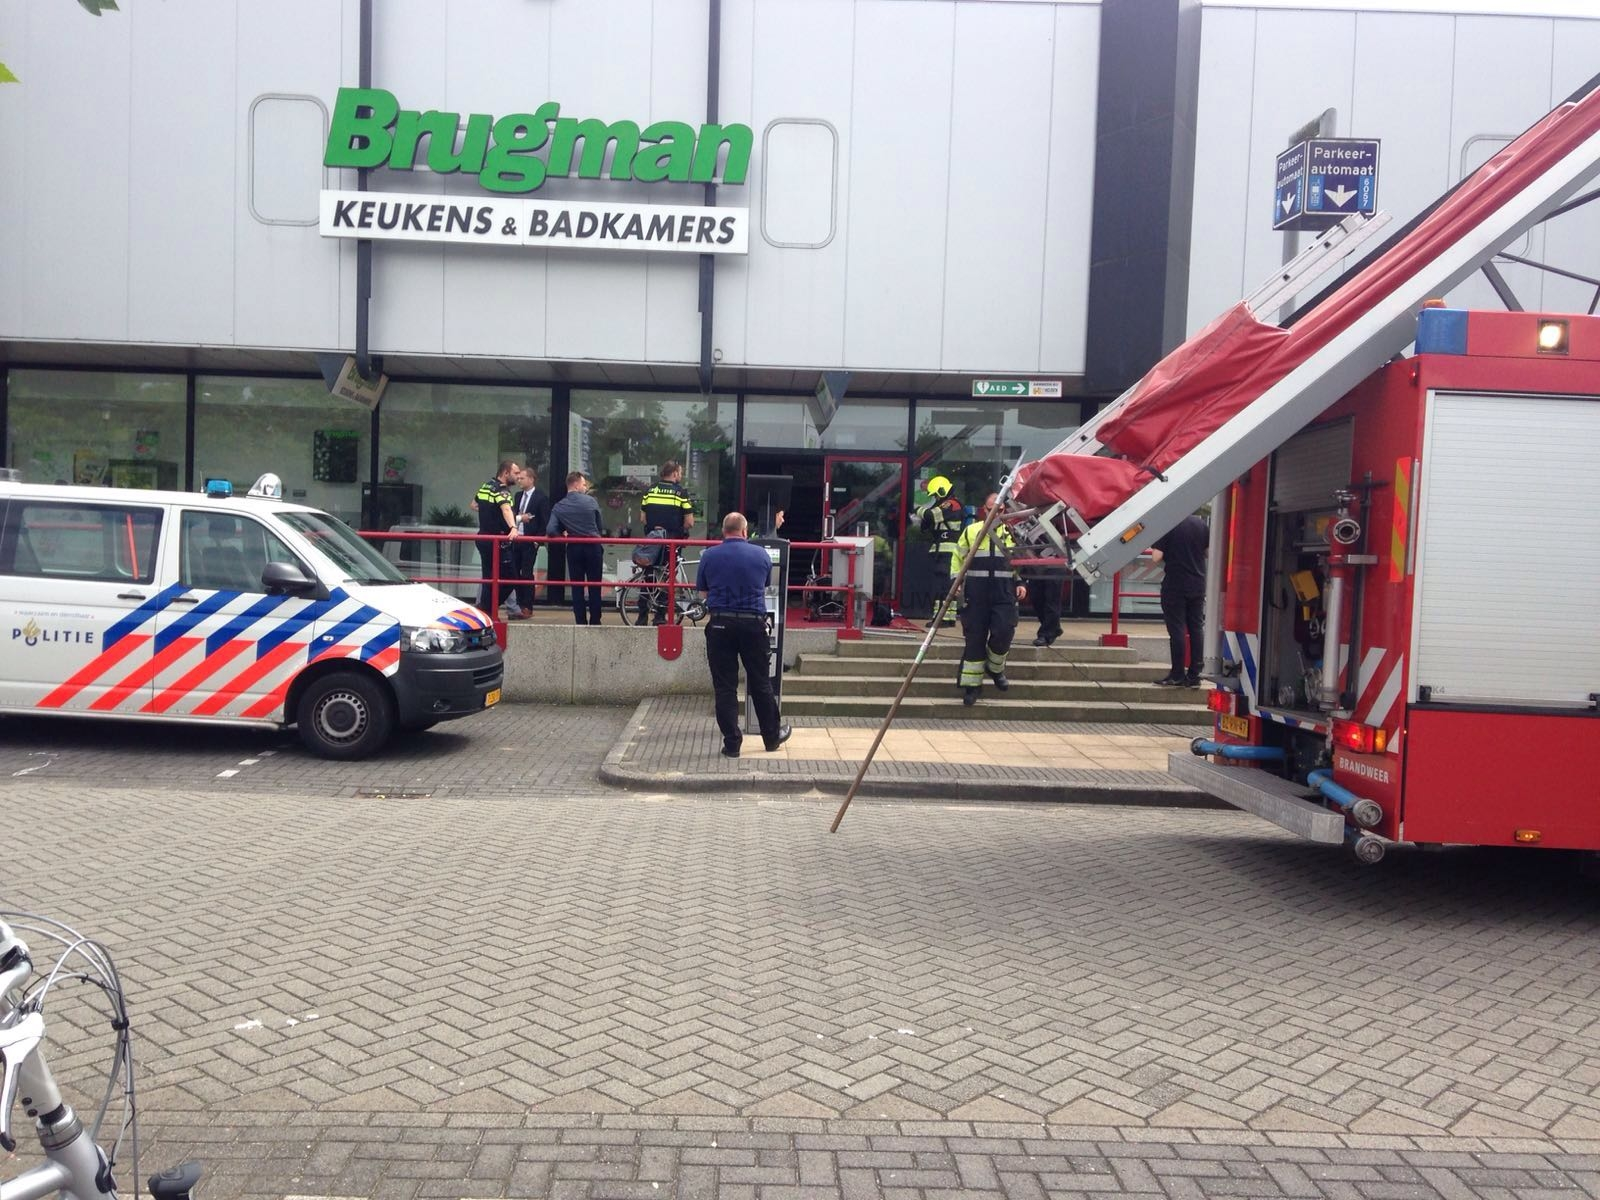 Brugman Badkamers Nijmegen : Brandje bij brugman keukens aan de woonboulevard 112nijmegennieuws.nl